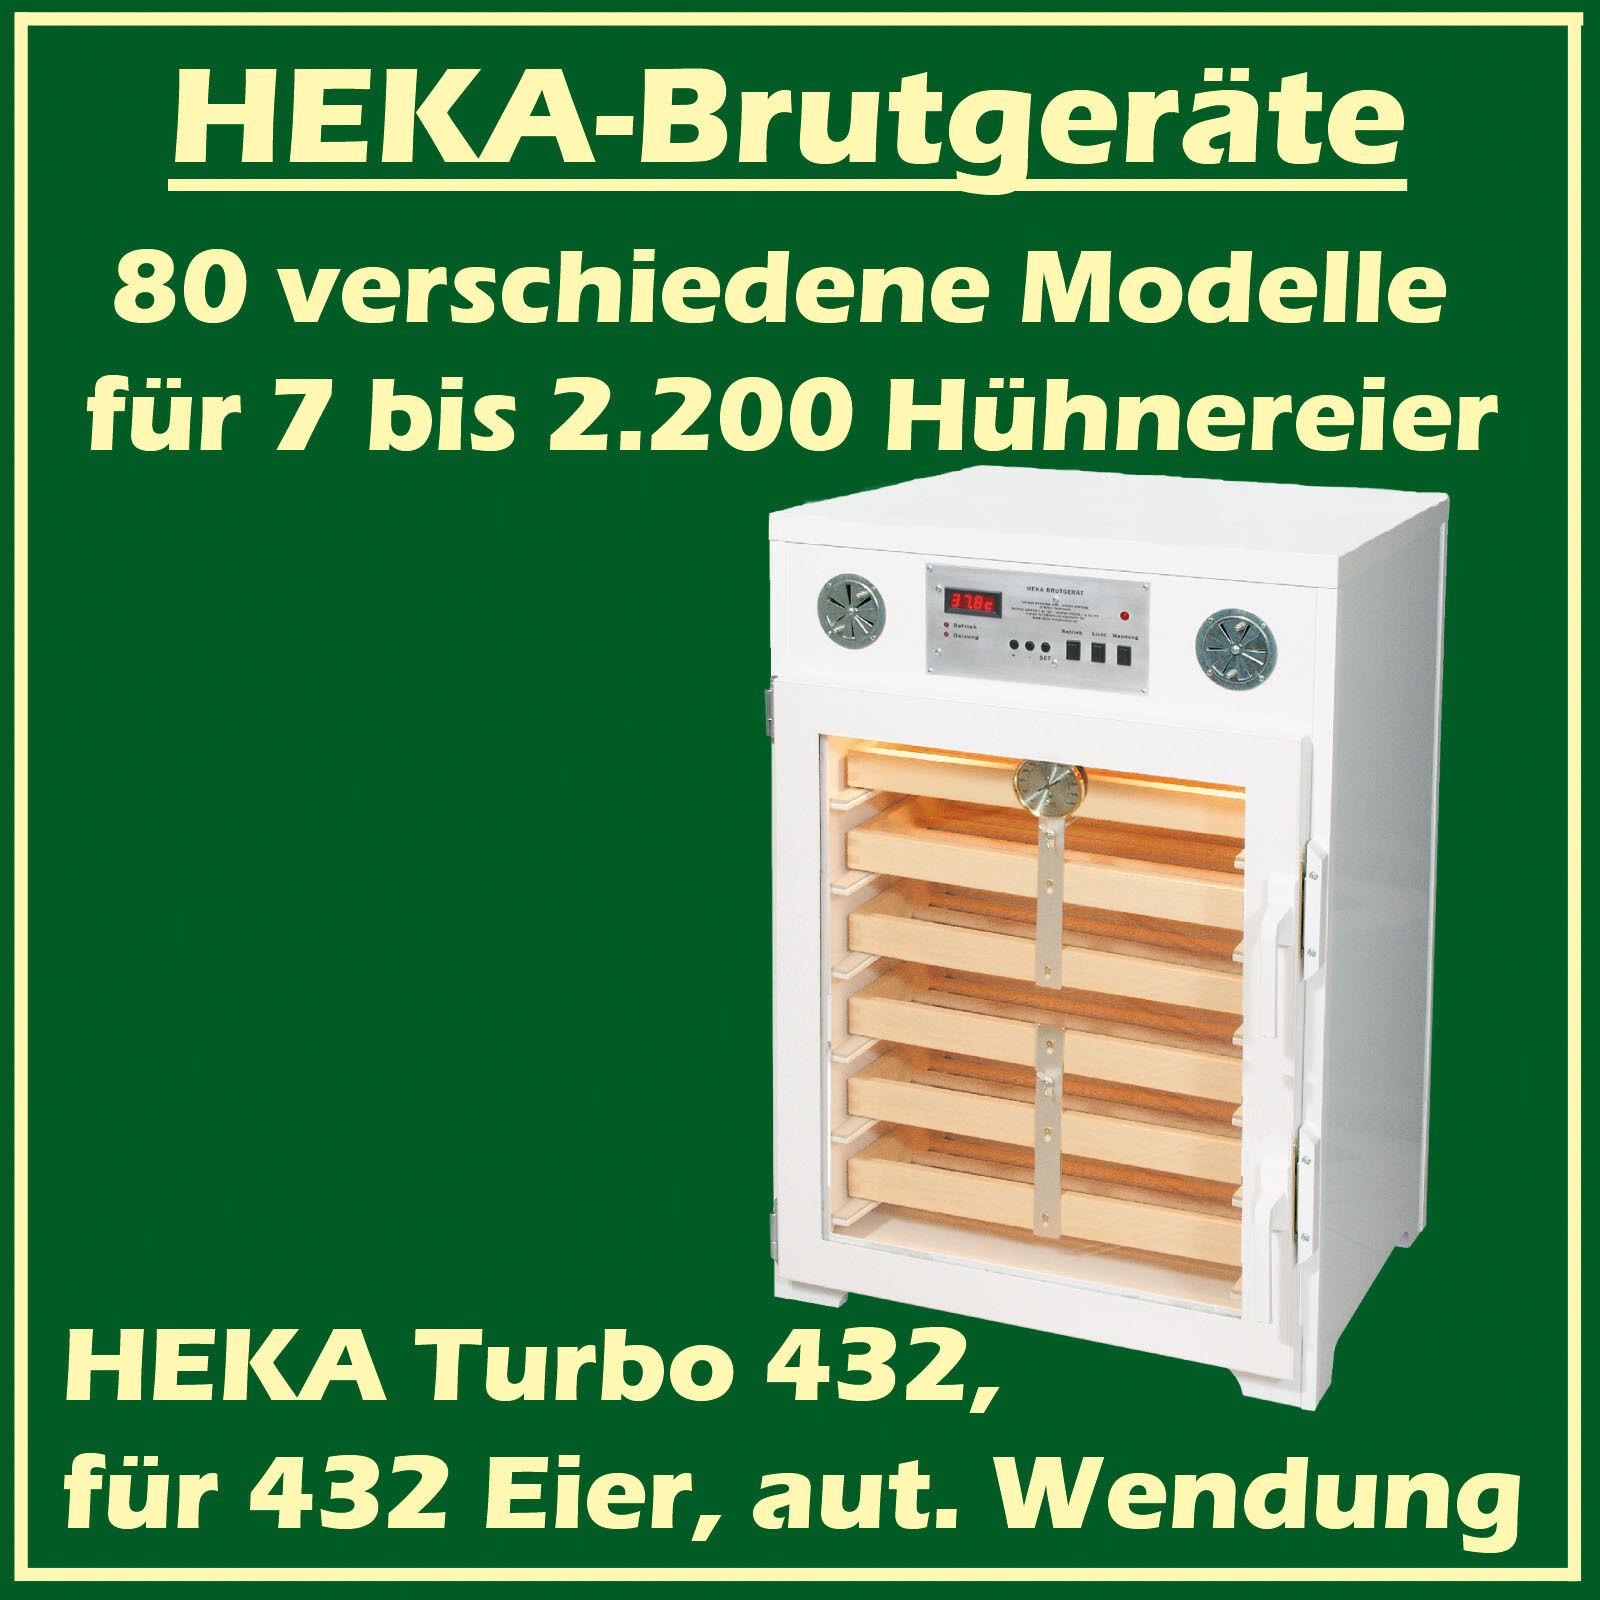 Heka Turbo 432 - Incubatrice in Plastica per 432 Uova, Uova, Uova, Con f14a6f